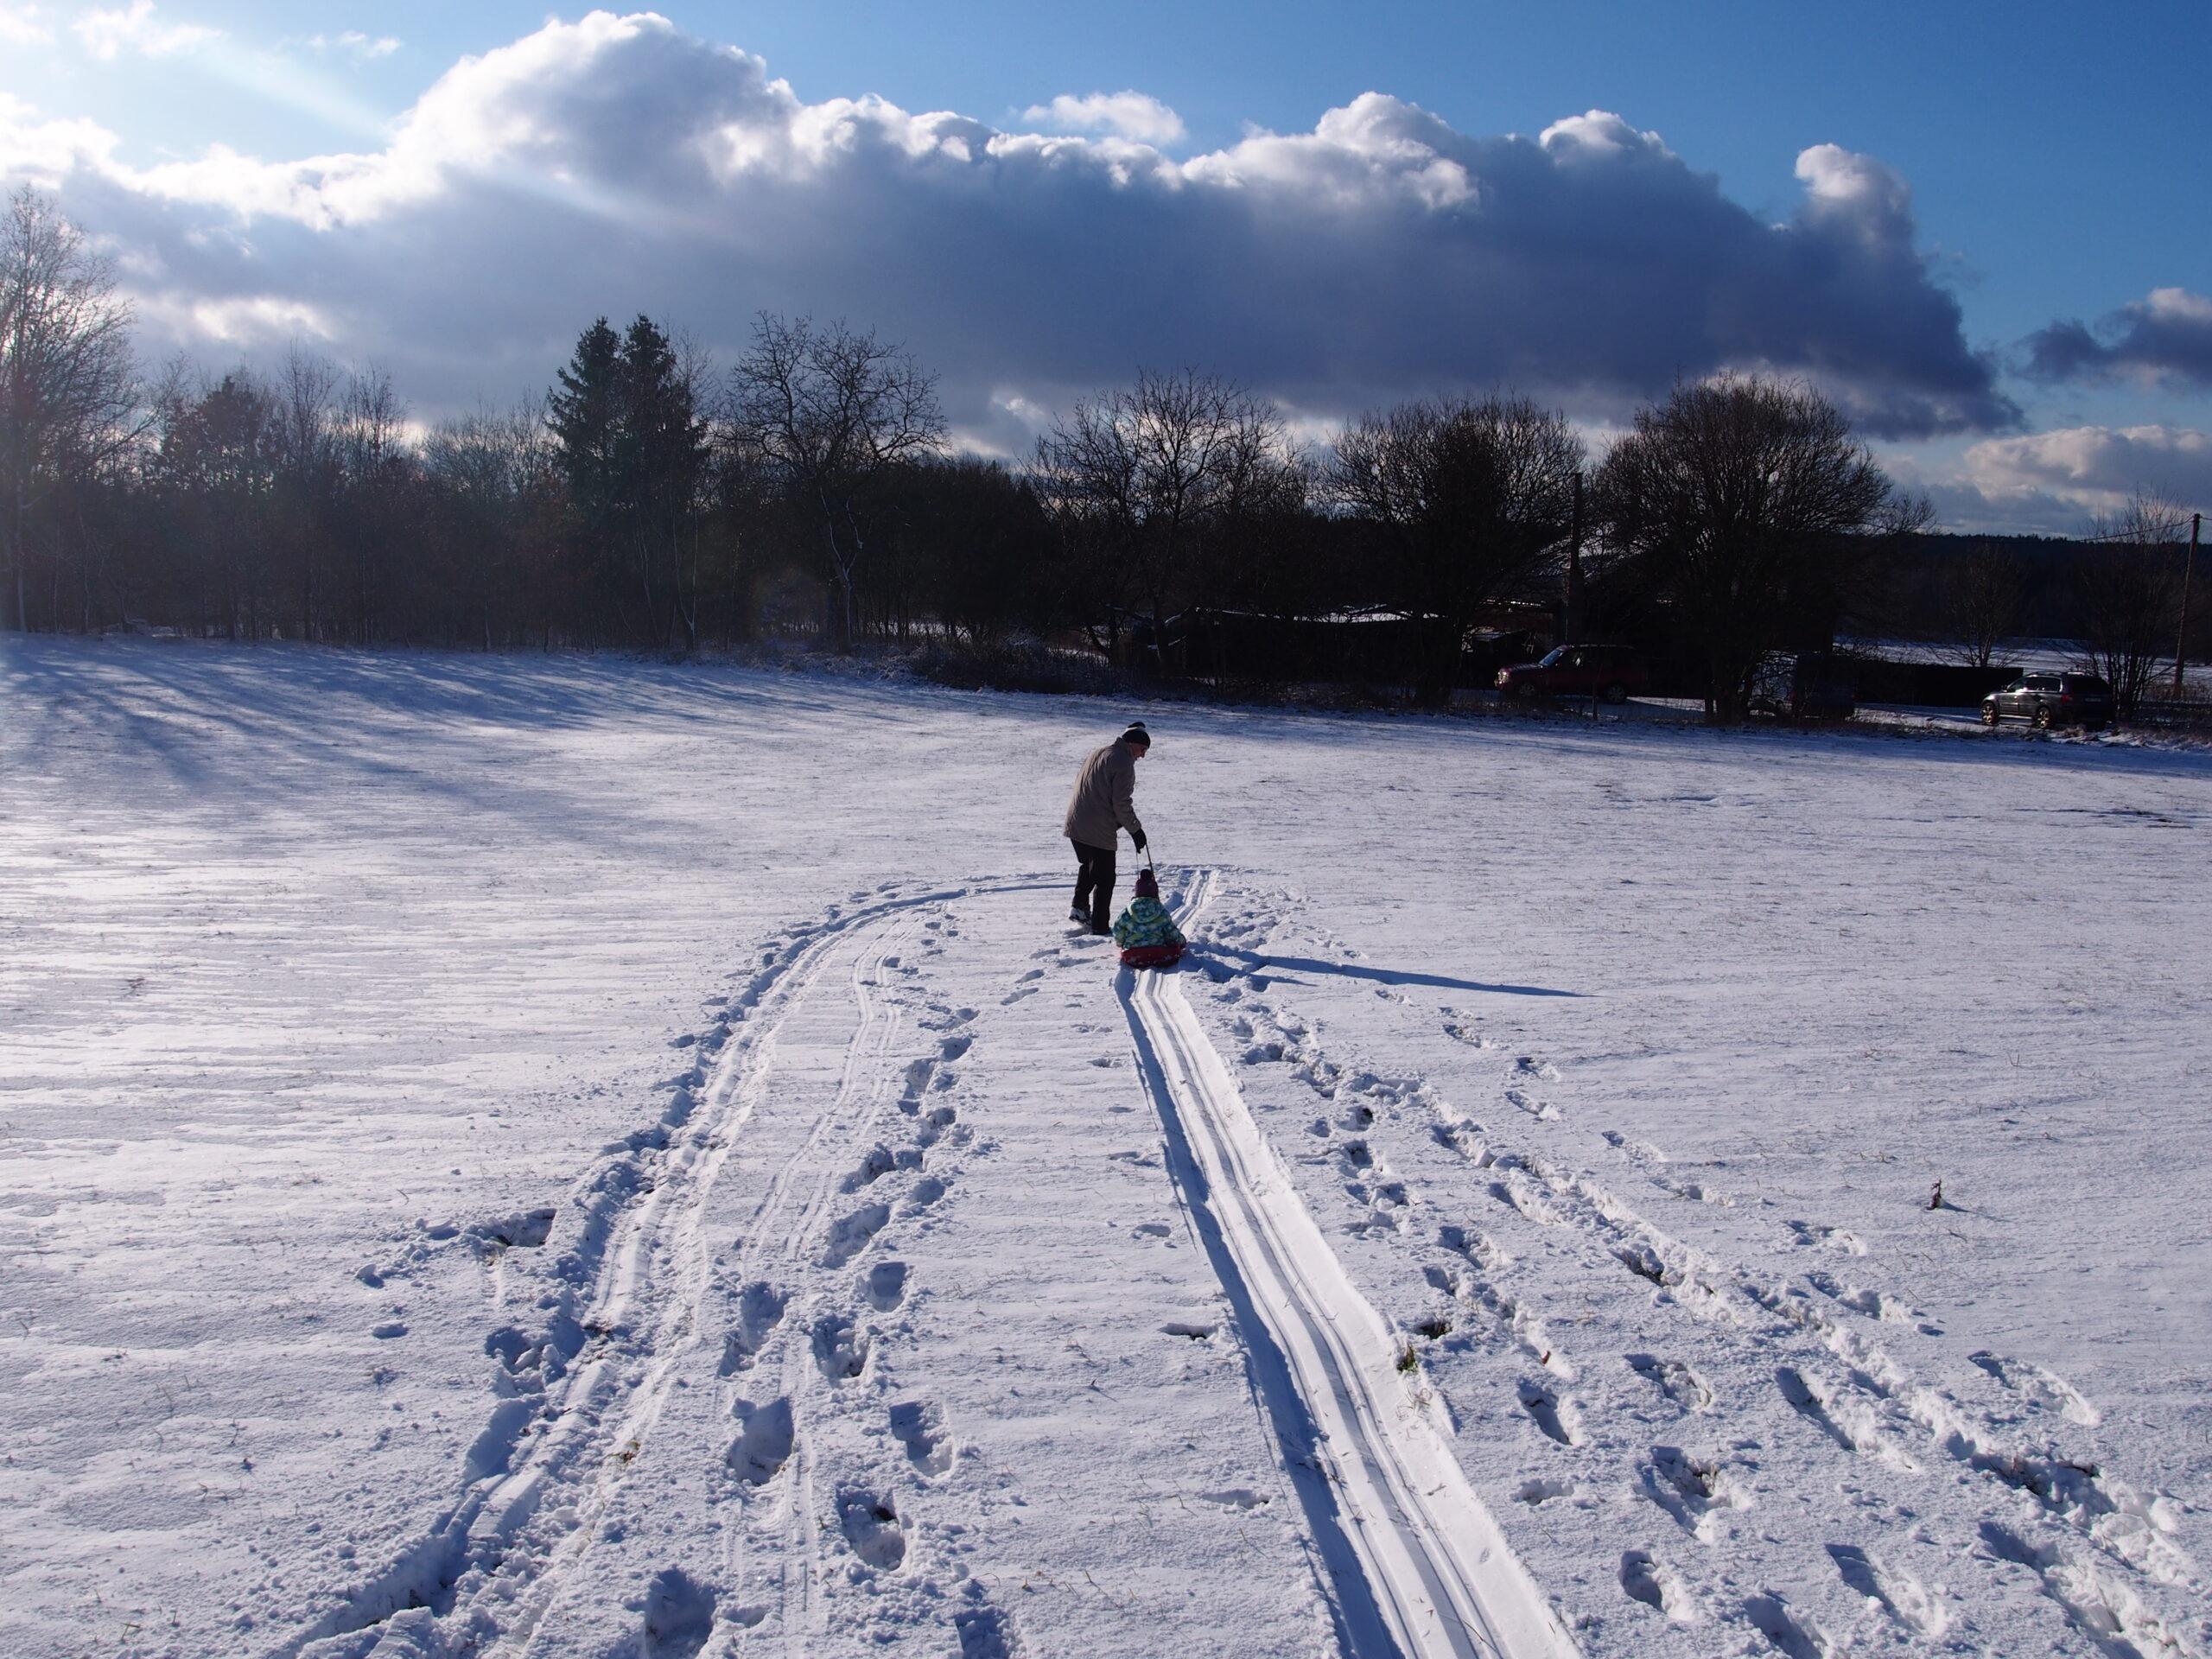 Jak jsem po třicítce znovu objevila kouzelnou moc, jakou má jen čerstvě napadaný sníh